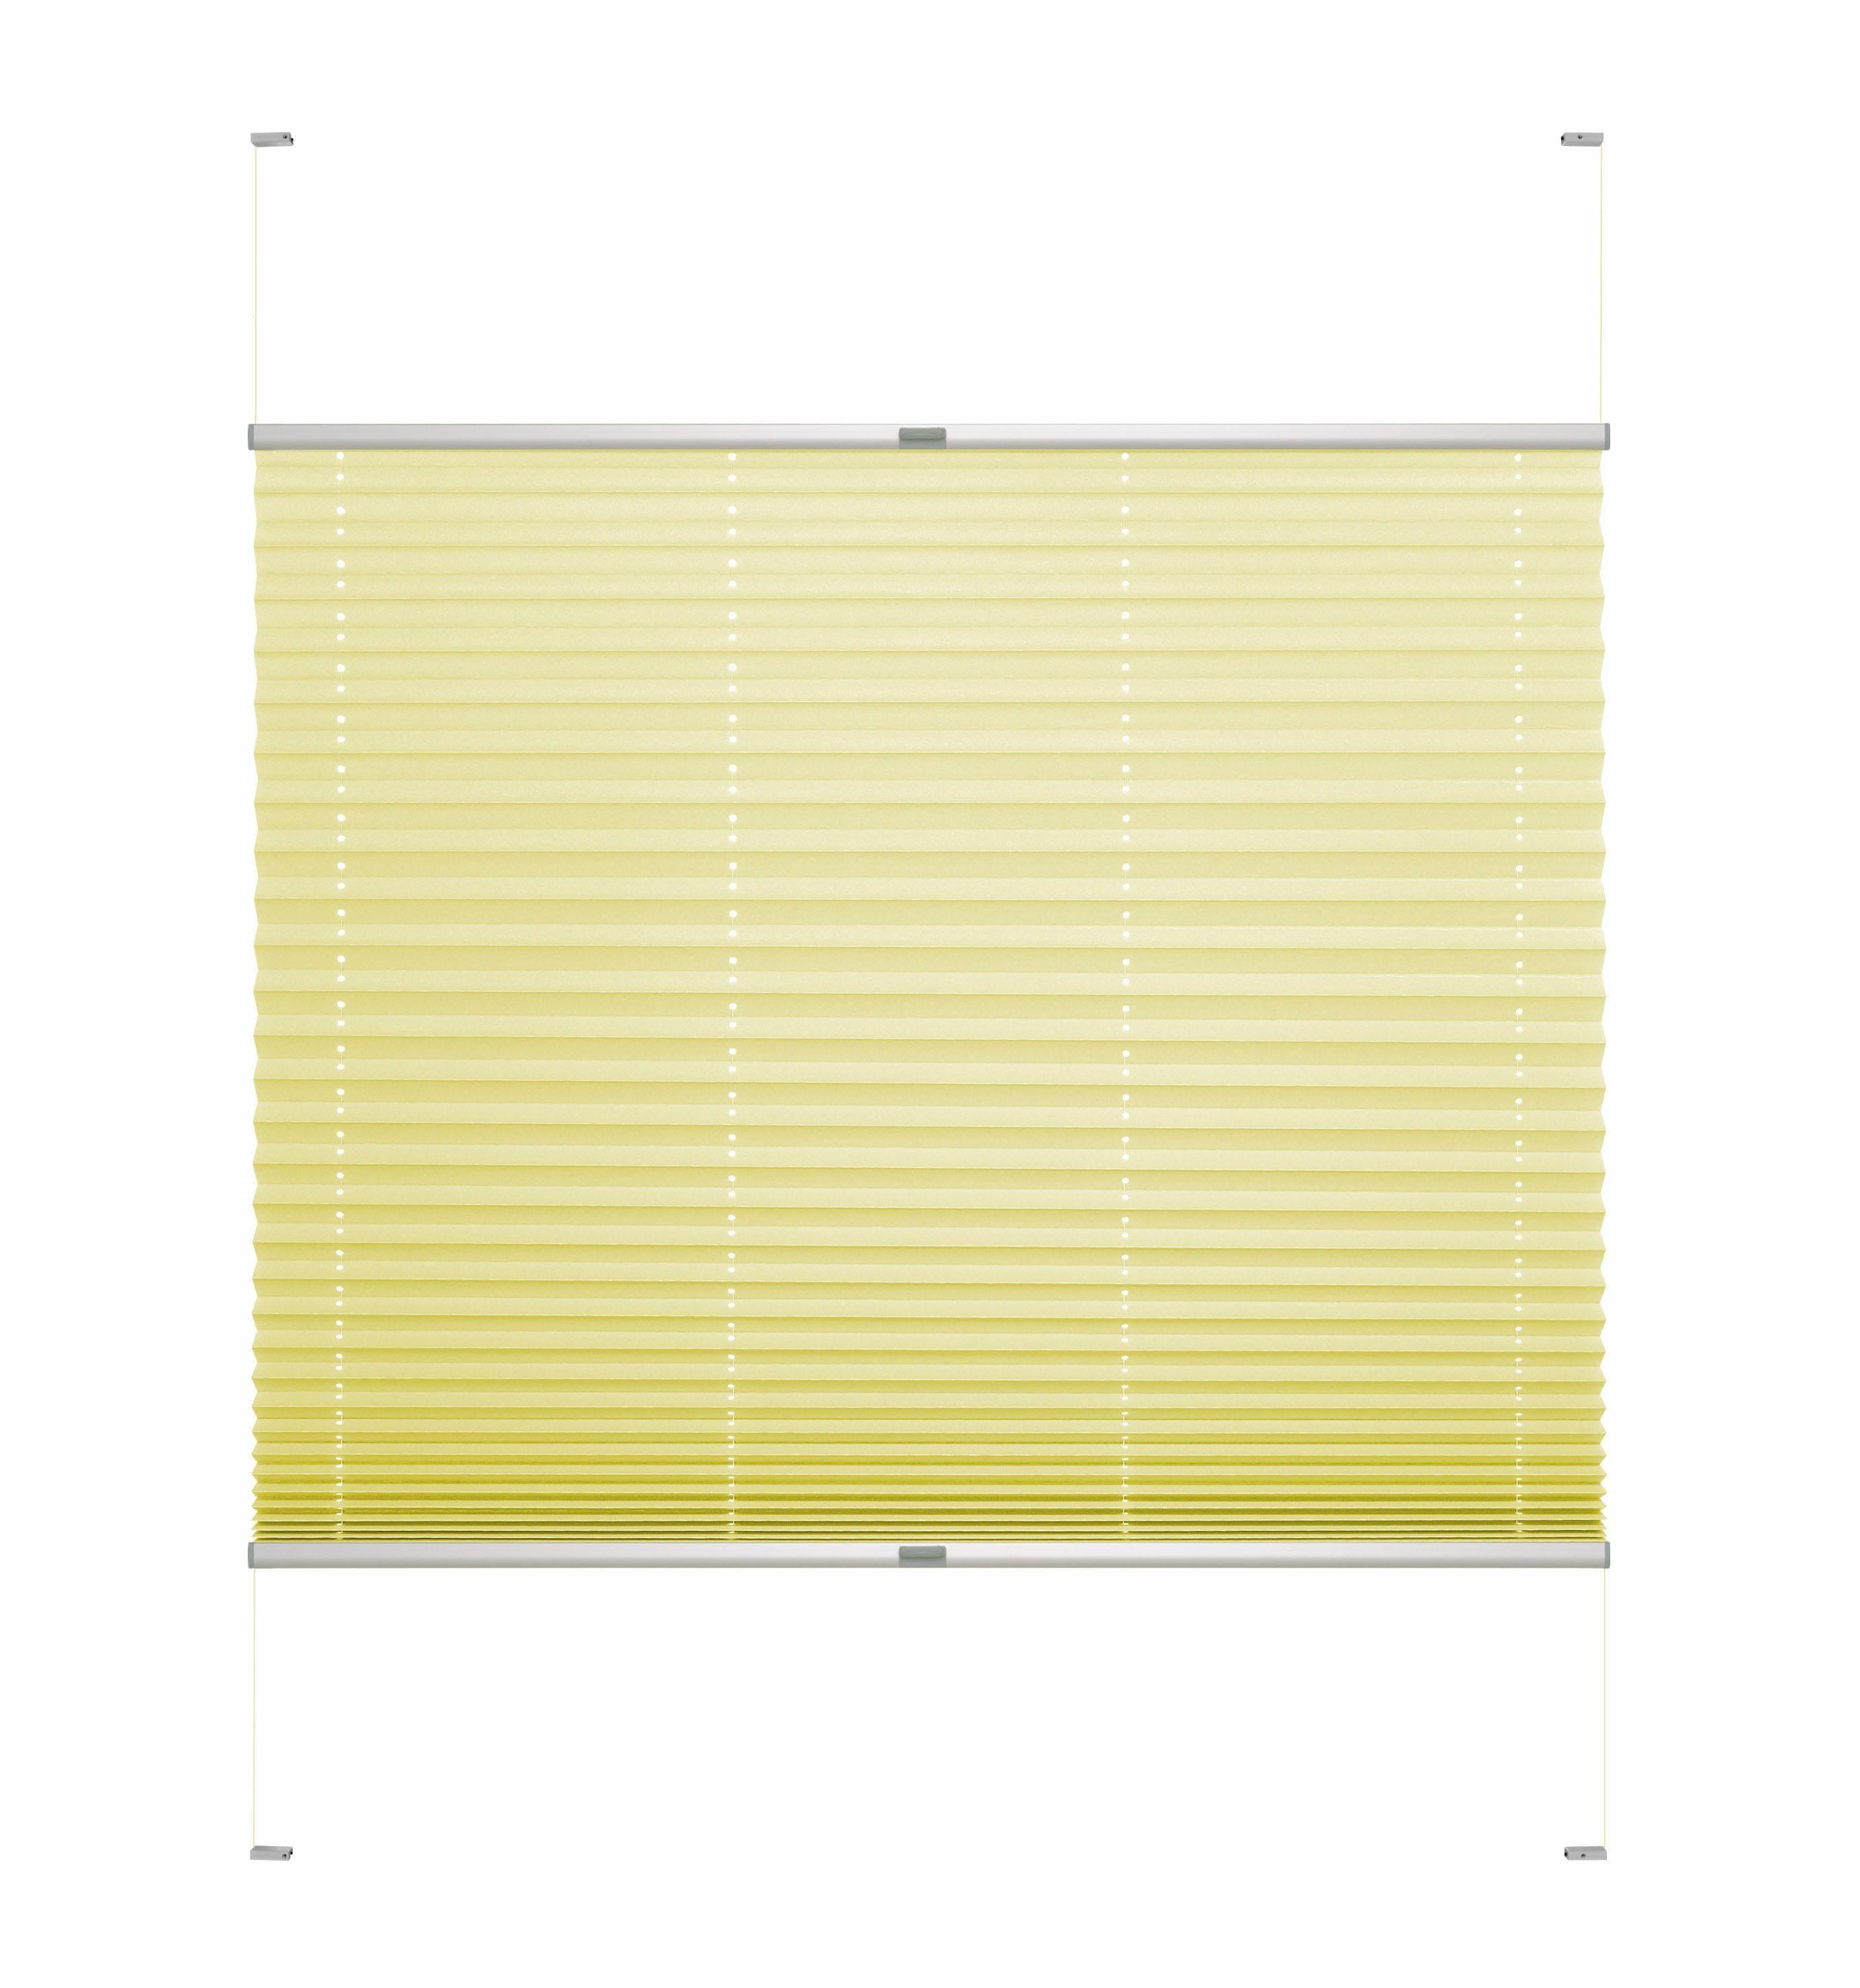 Dachfensterplissee nach Maß Dena Good Life verdunkelnd mit Bohren verspannt Wohnen/Wohntextilien/Rollos & Jalousien/Plissees/Dachfensterplissees